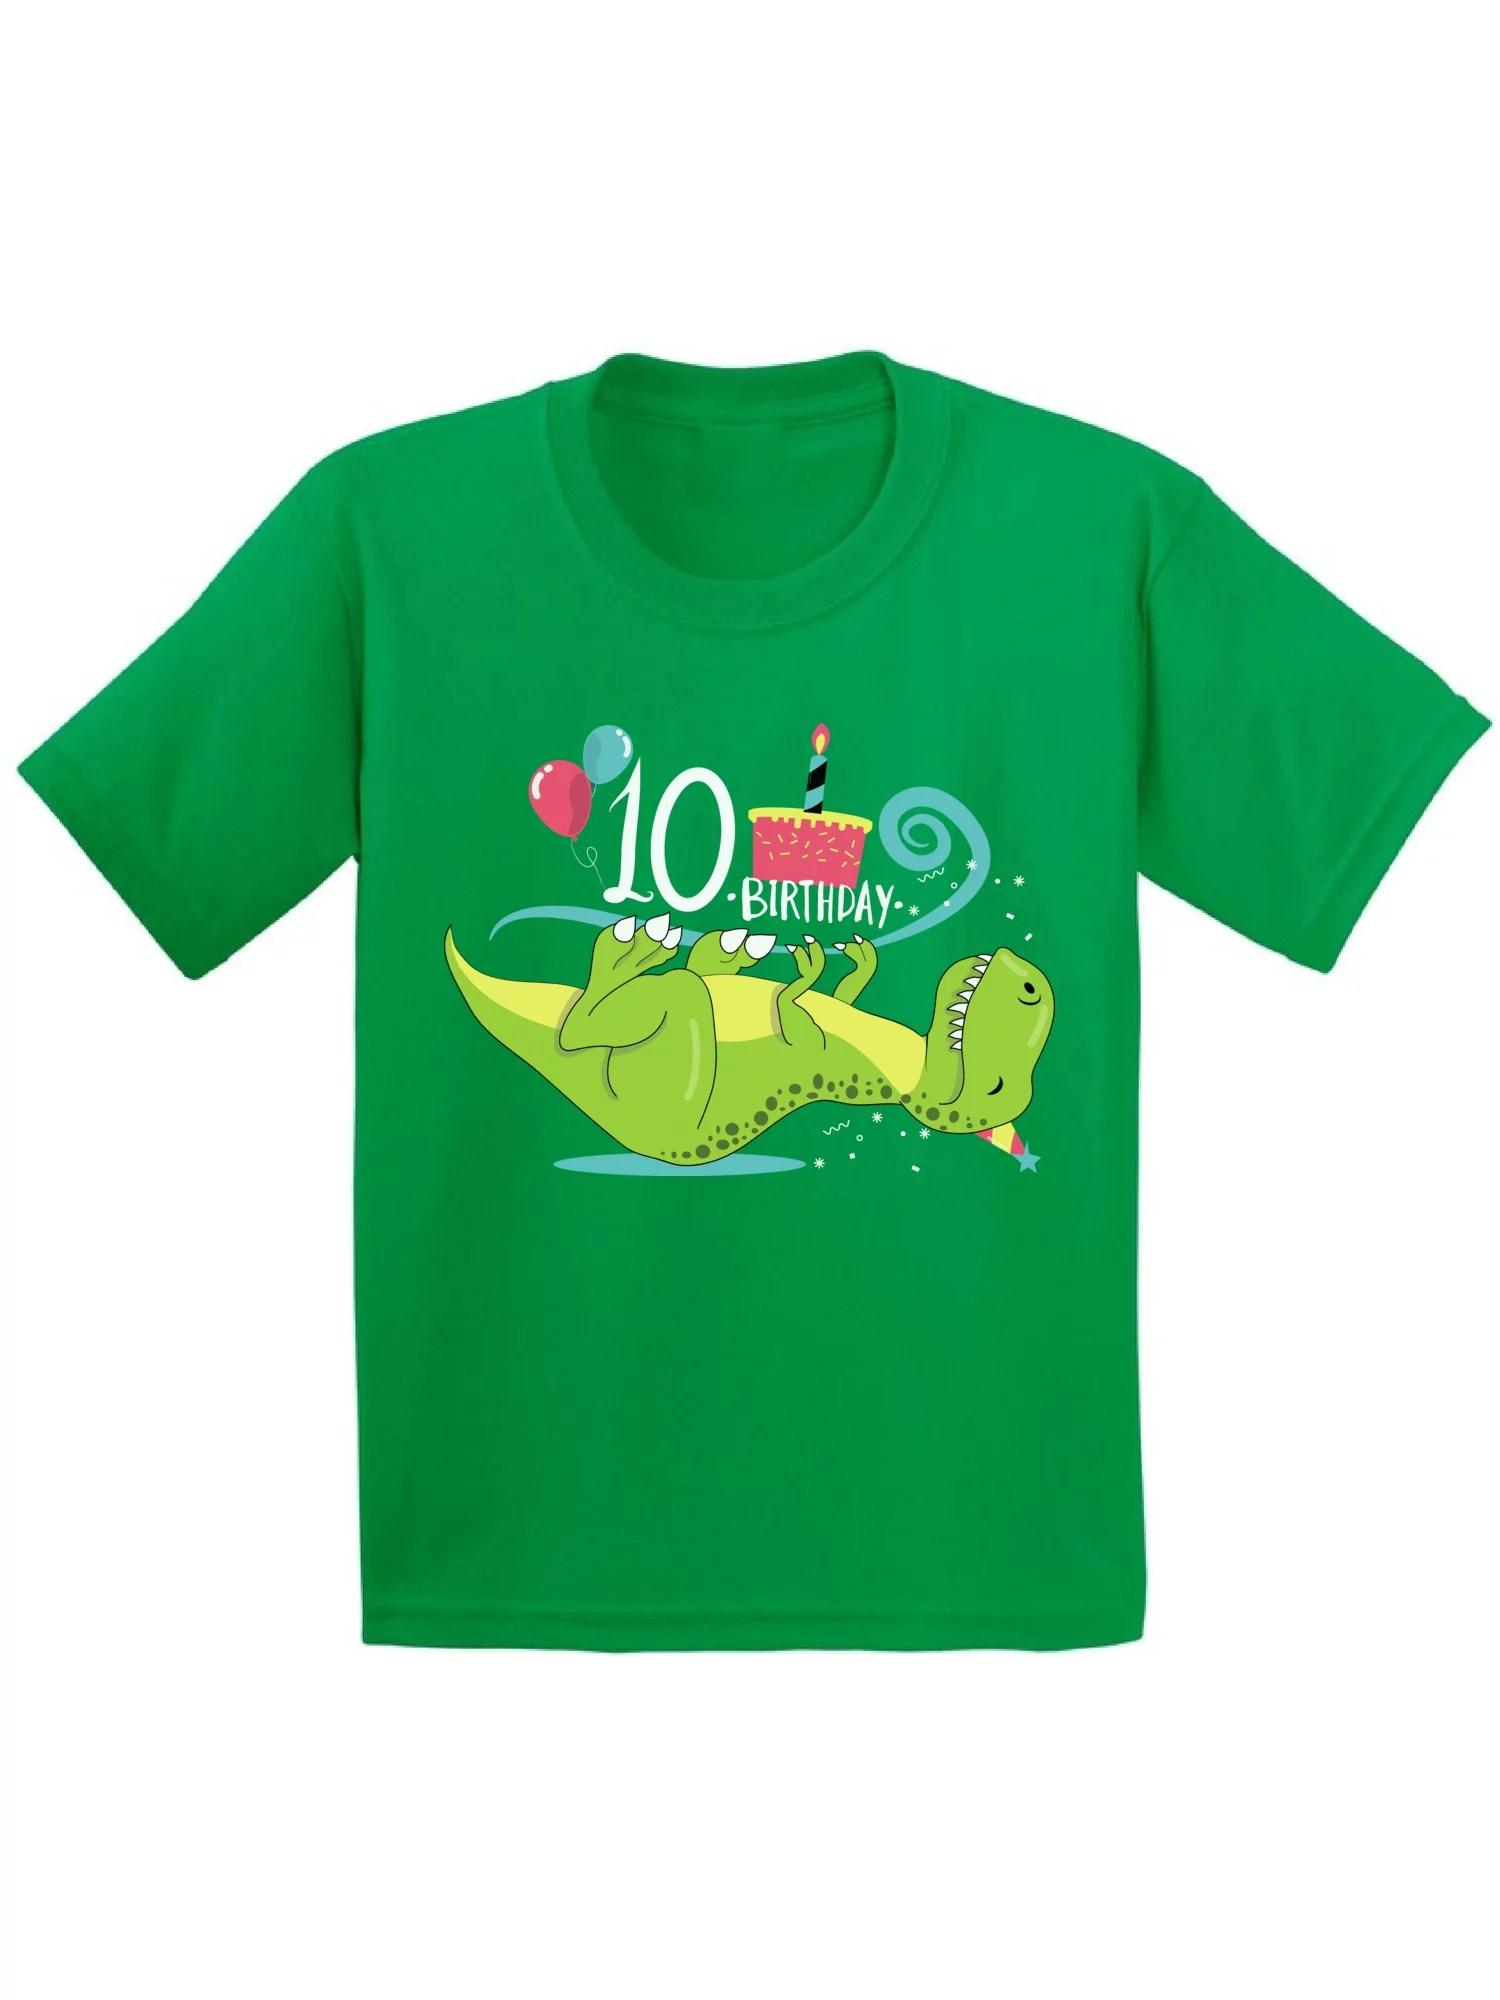 Awkward Styles Awkward Styles 10th Birthday Shirt Cute Dinosaur Birthday Tshirts For Boys Cute Dinosaur Birthday Tshirts For Girls Tenth Birthday Gifts Kids Birthday Shirts Funny Gifts For 10 Year Old